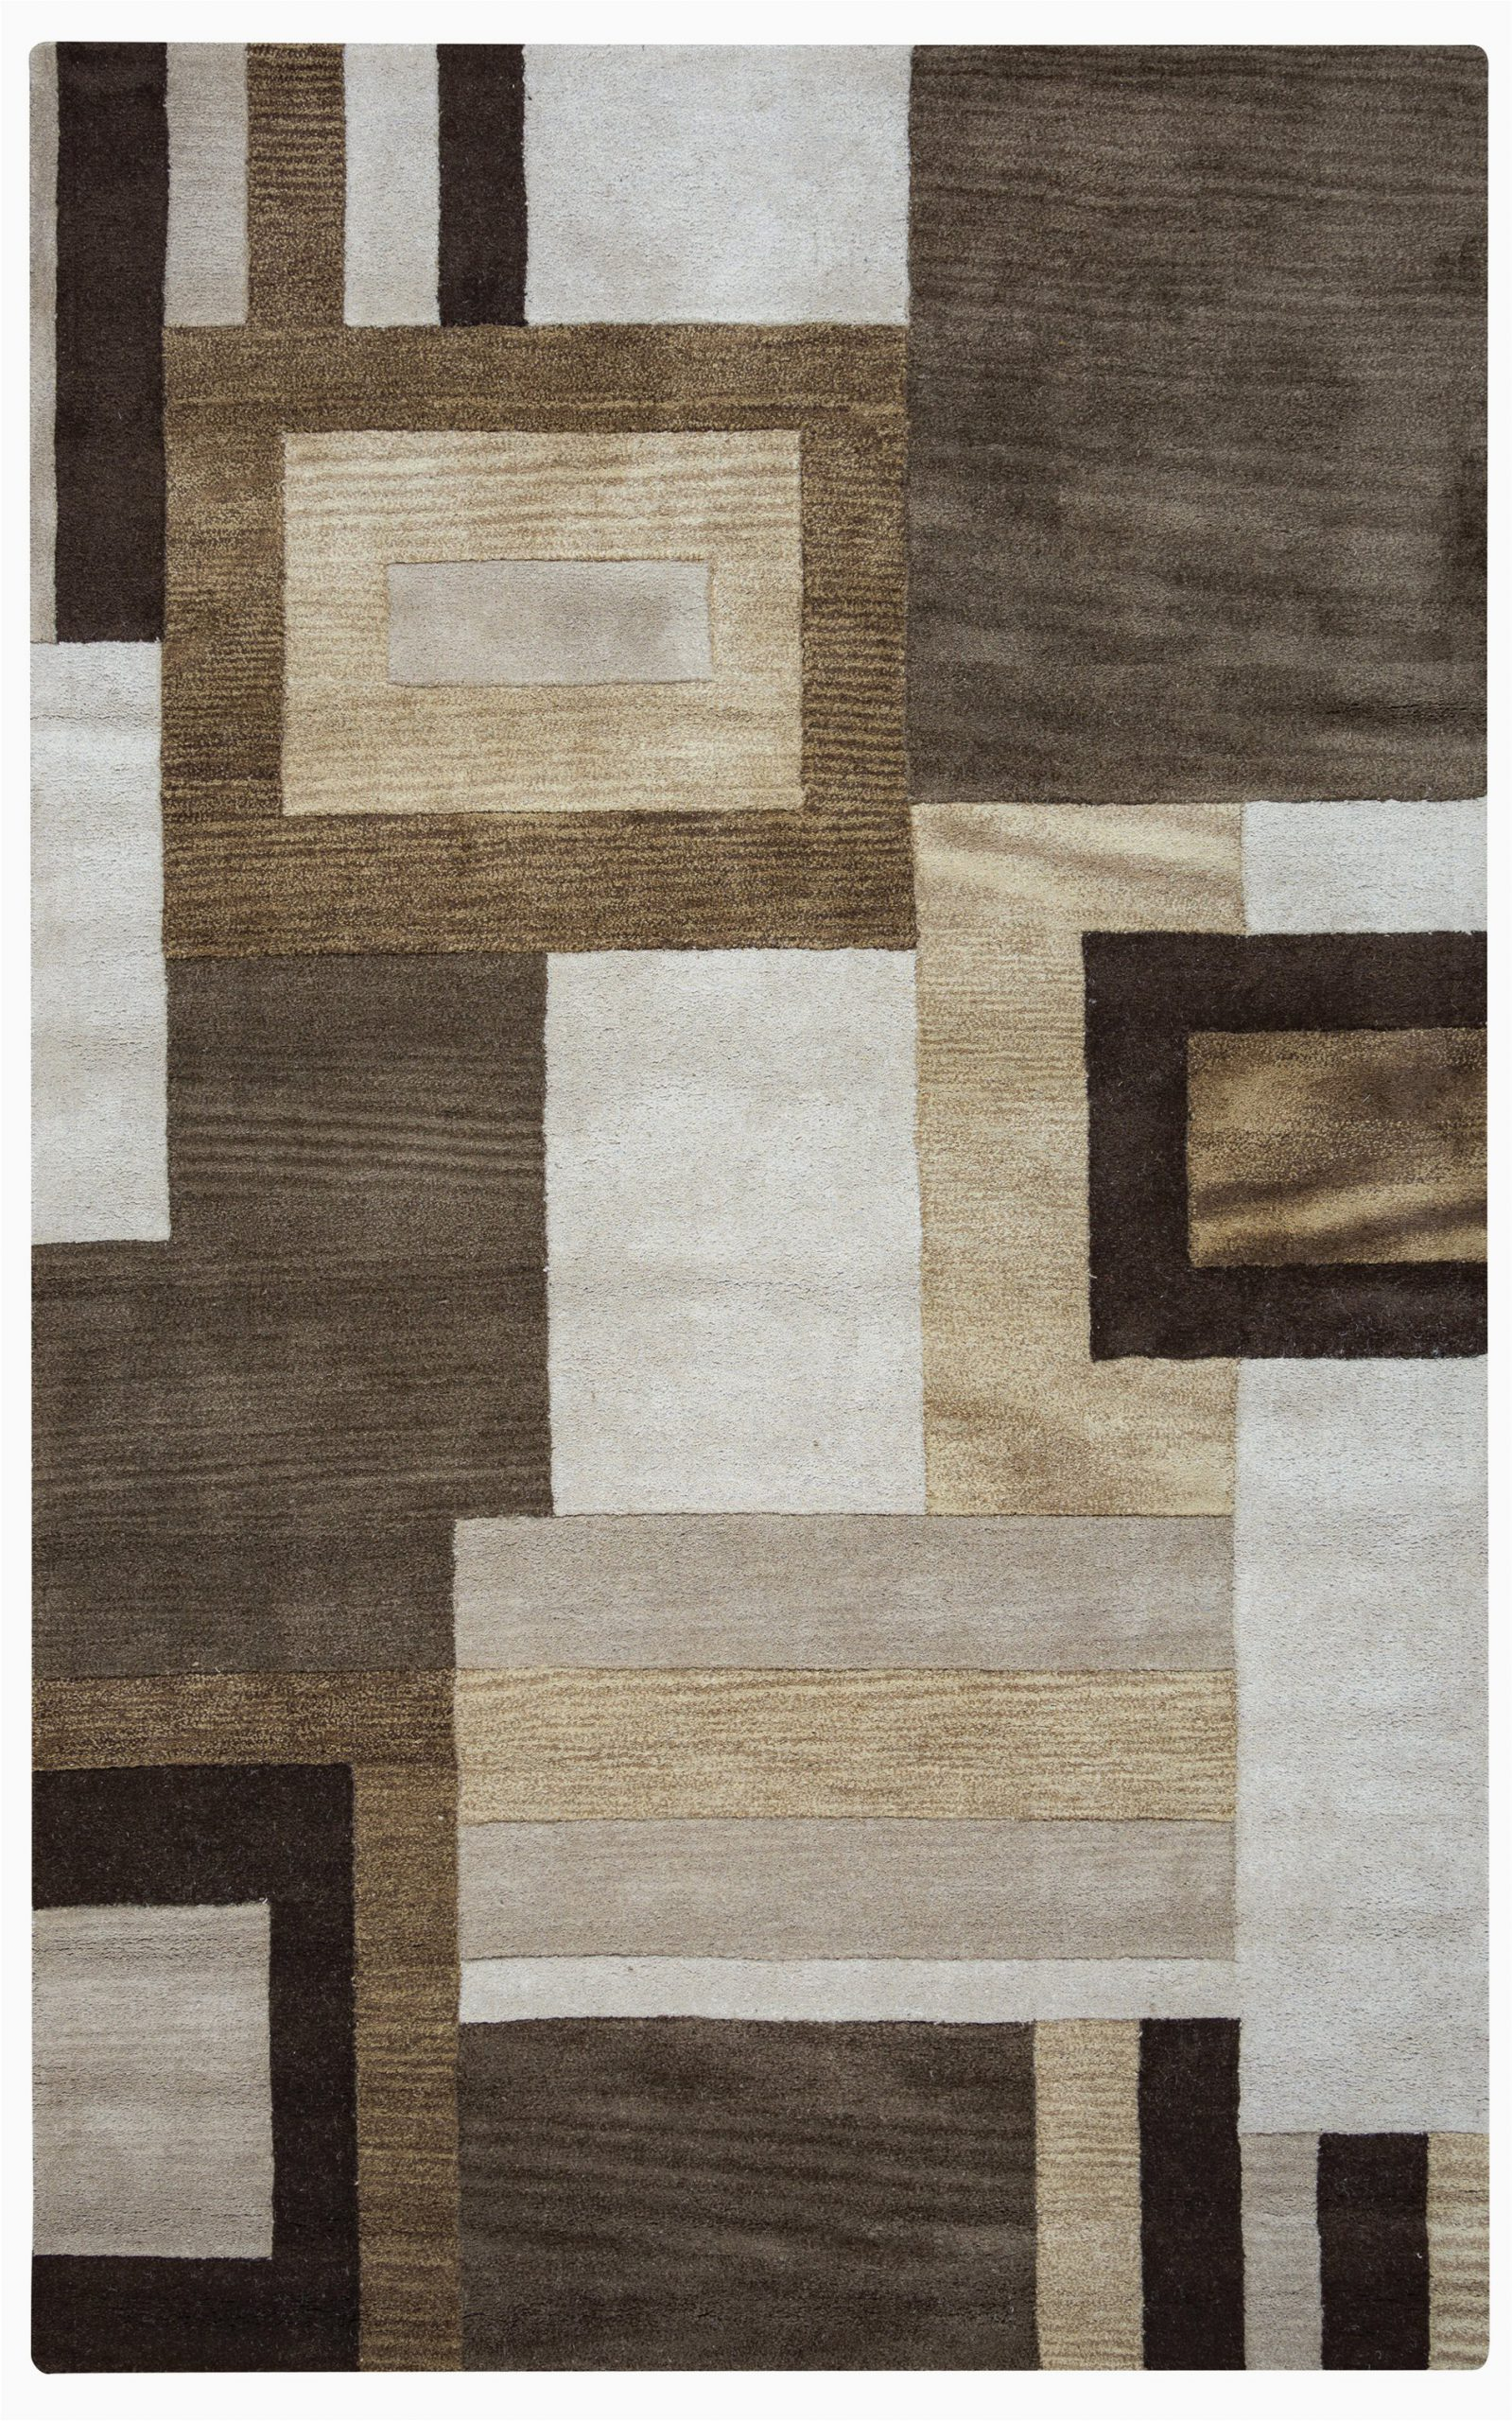 rizzy home volare vo1431 multi colored color block area rug